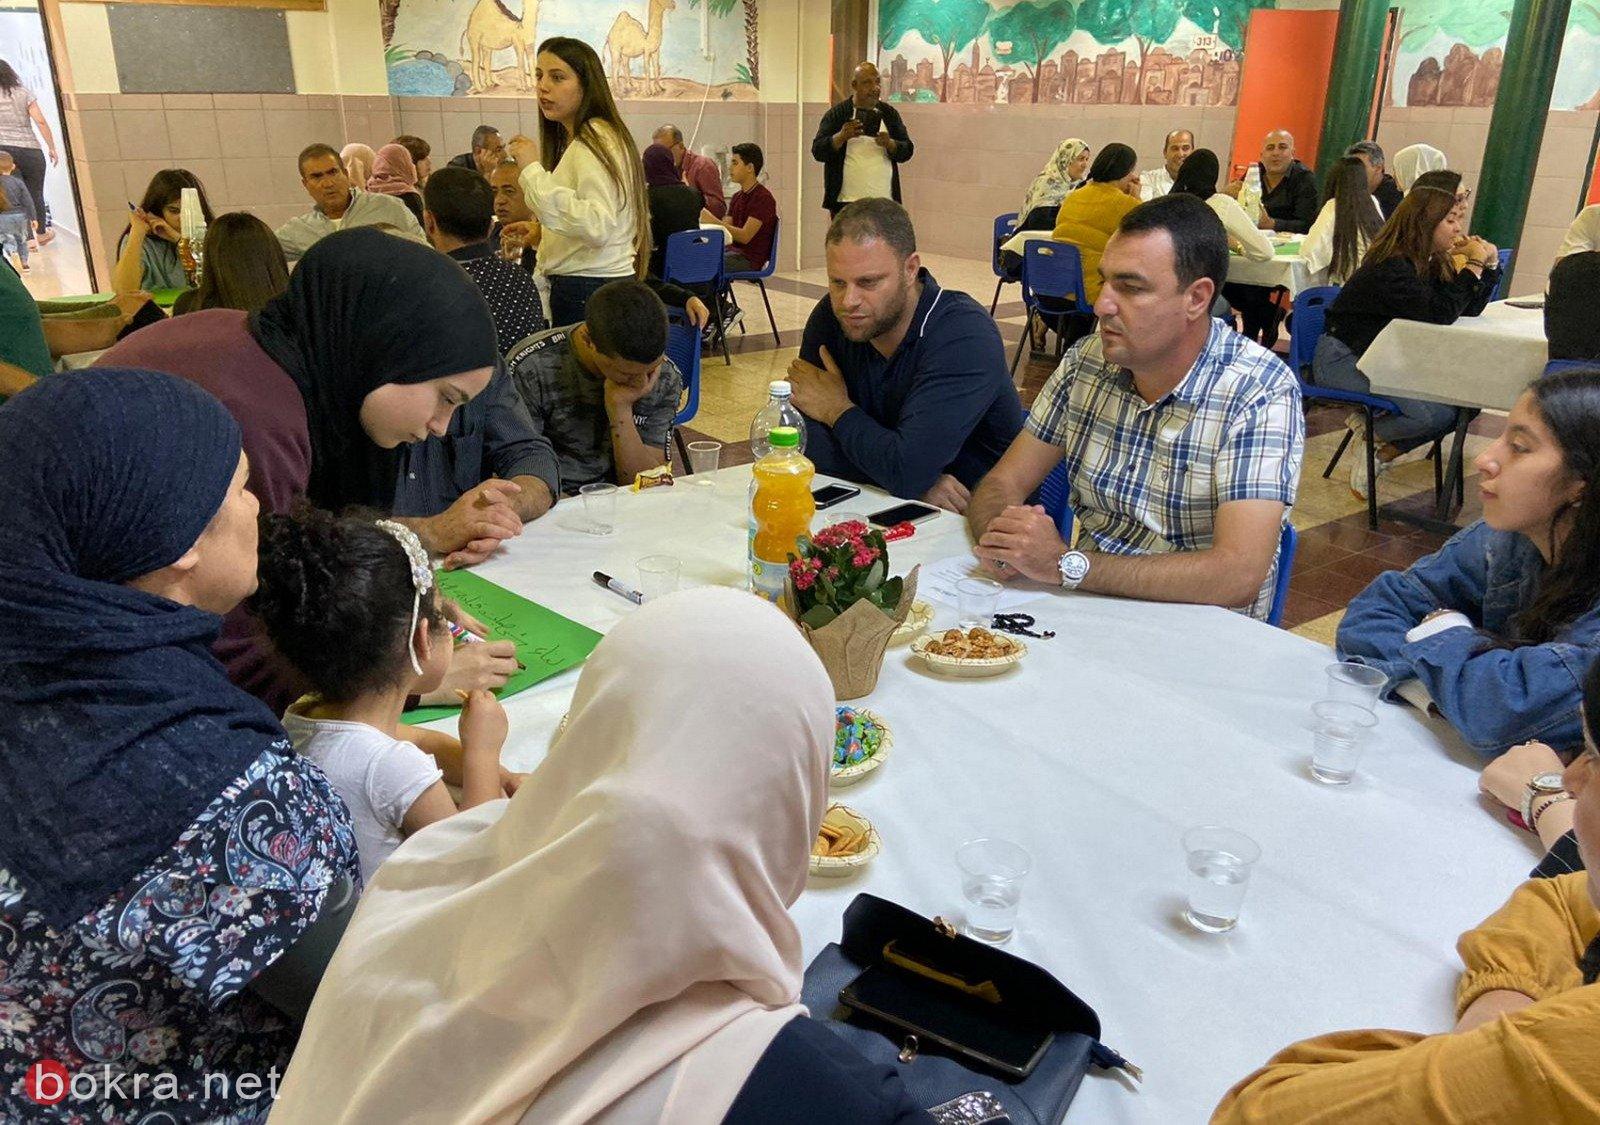 في مدرسة الاخوة جلبوع: قيادة محلية شابة جديدة لمستقبل اجمل للمنطقة